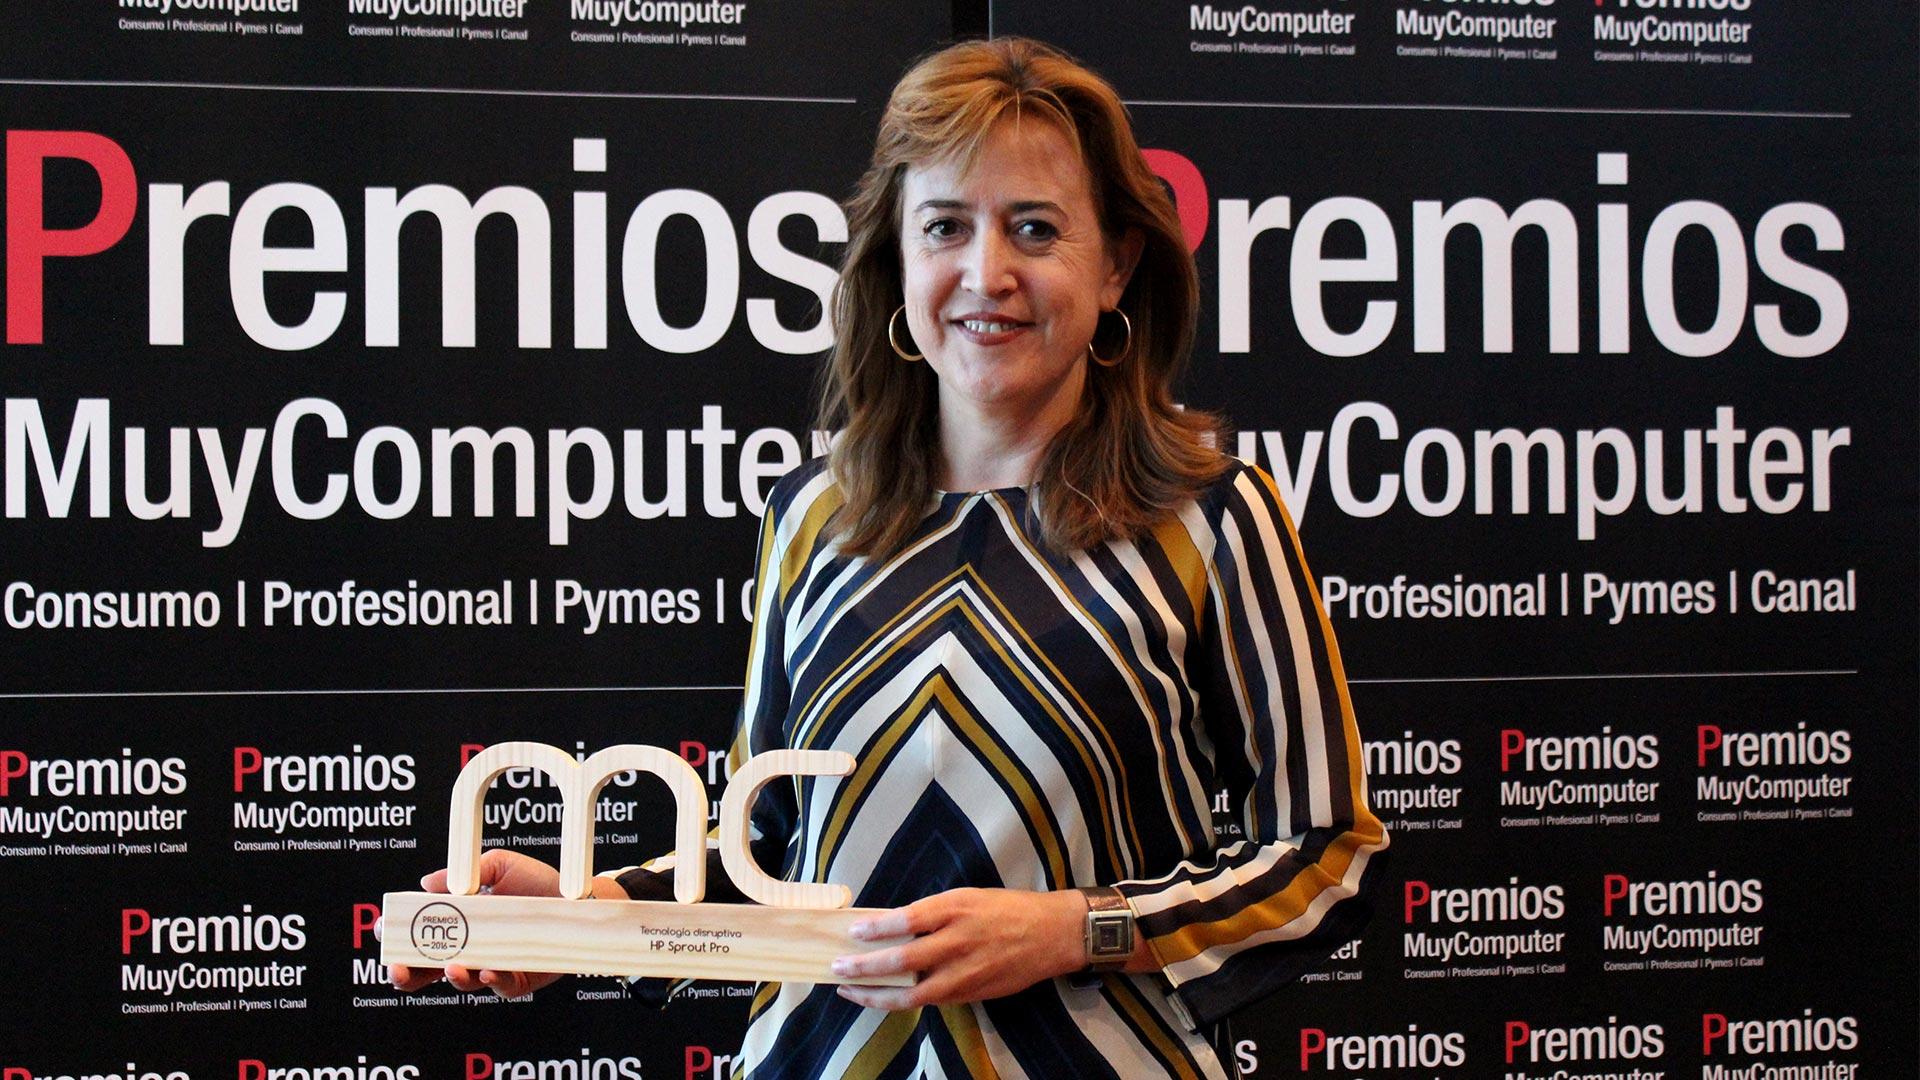 premiosmc2016-tecnologia-disruptiva-hp-sprout-pro